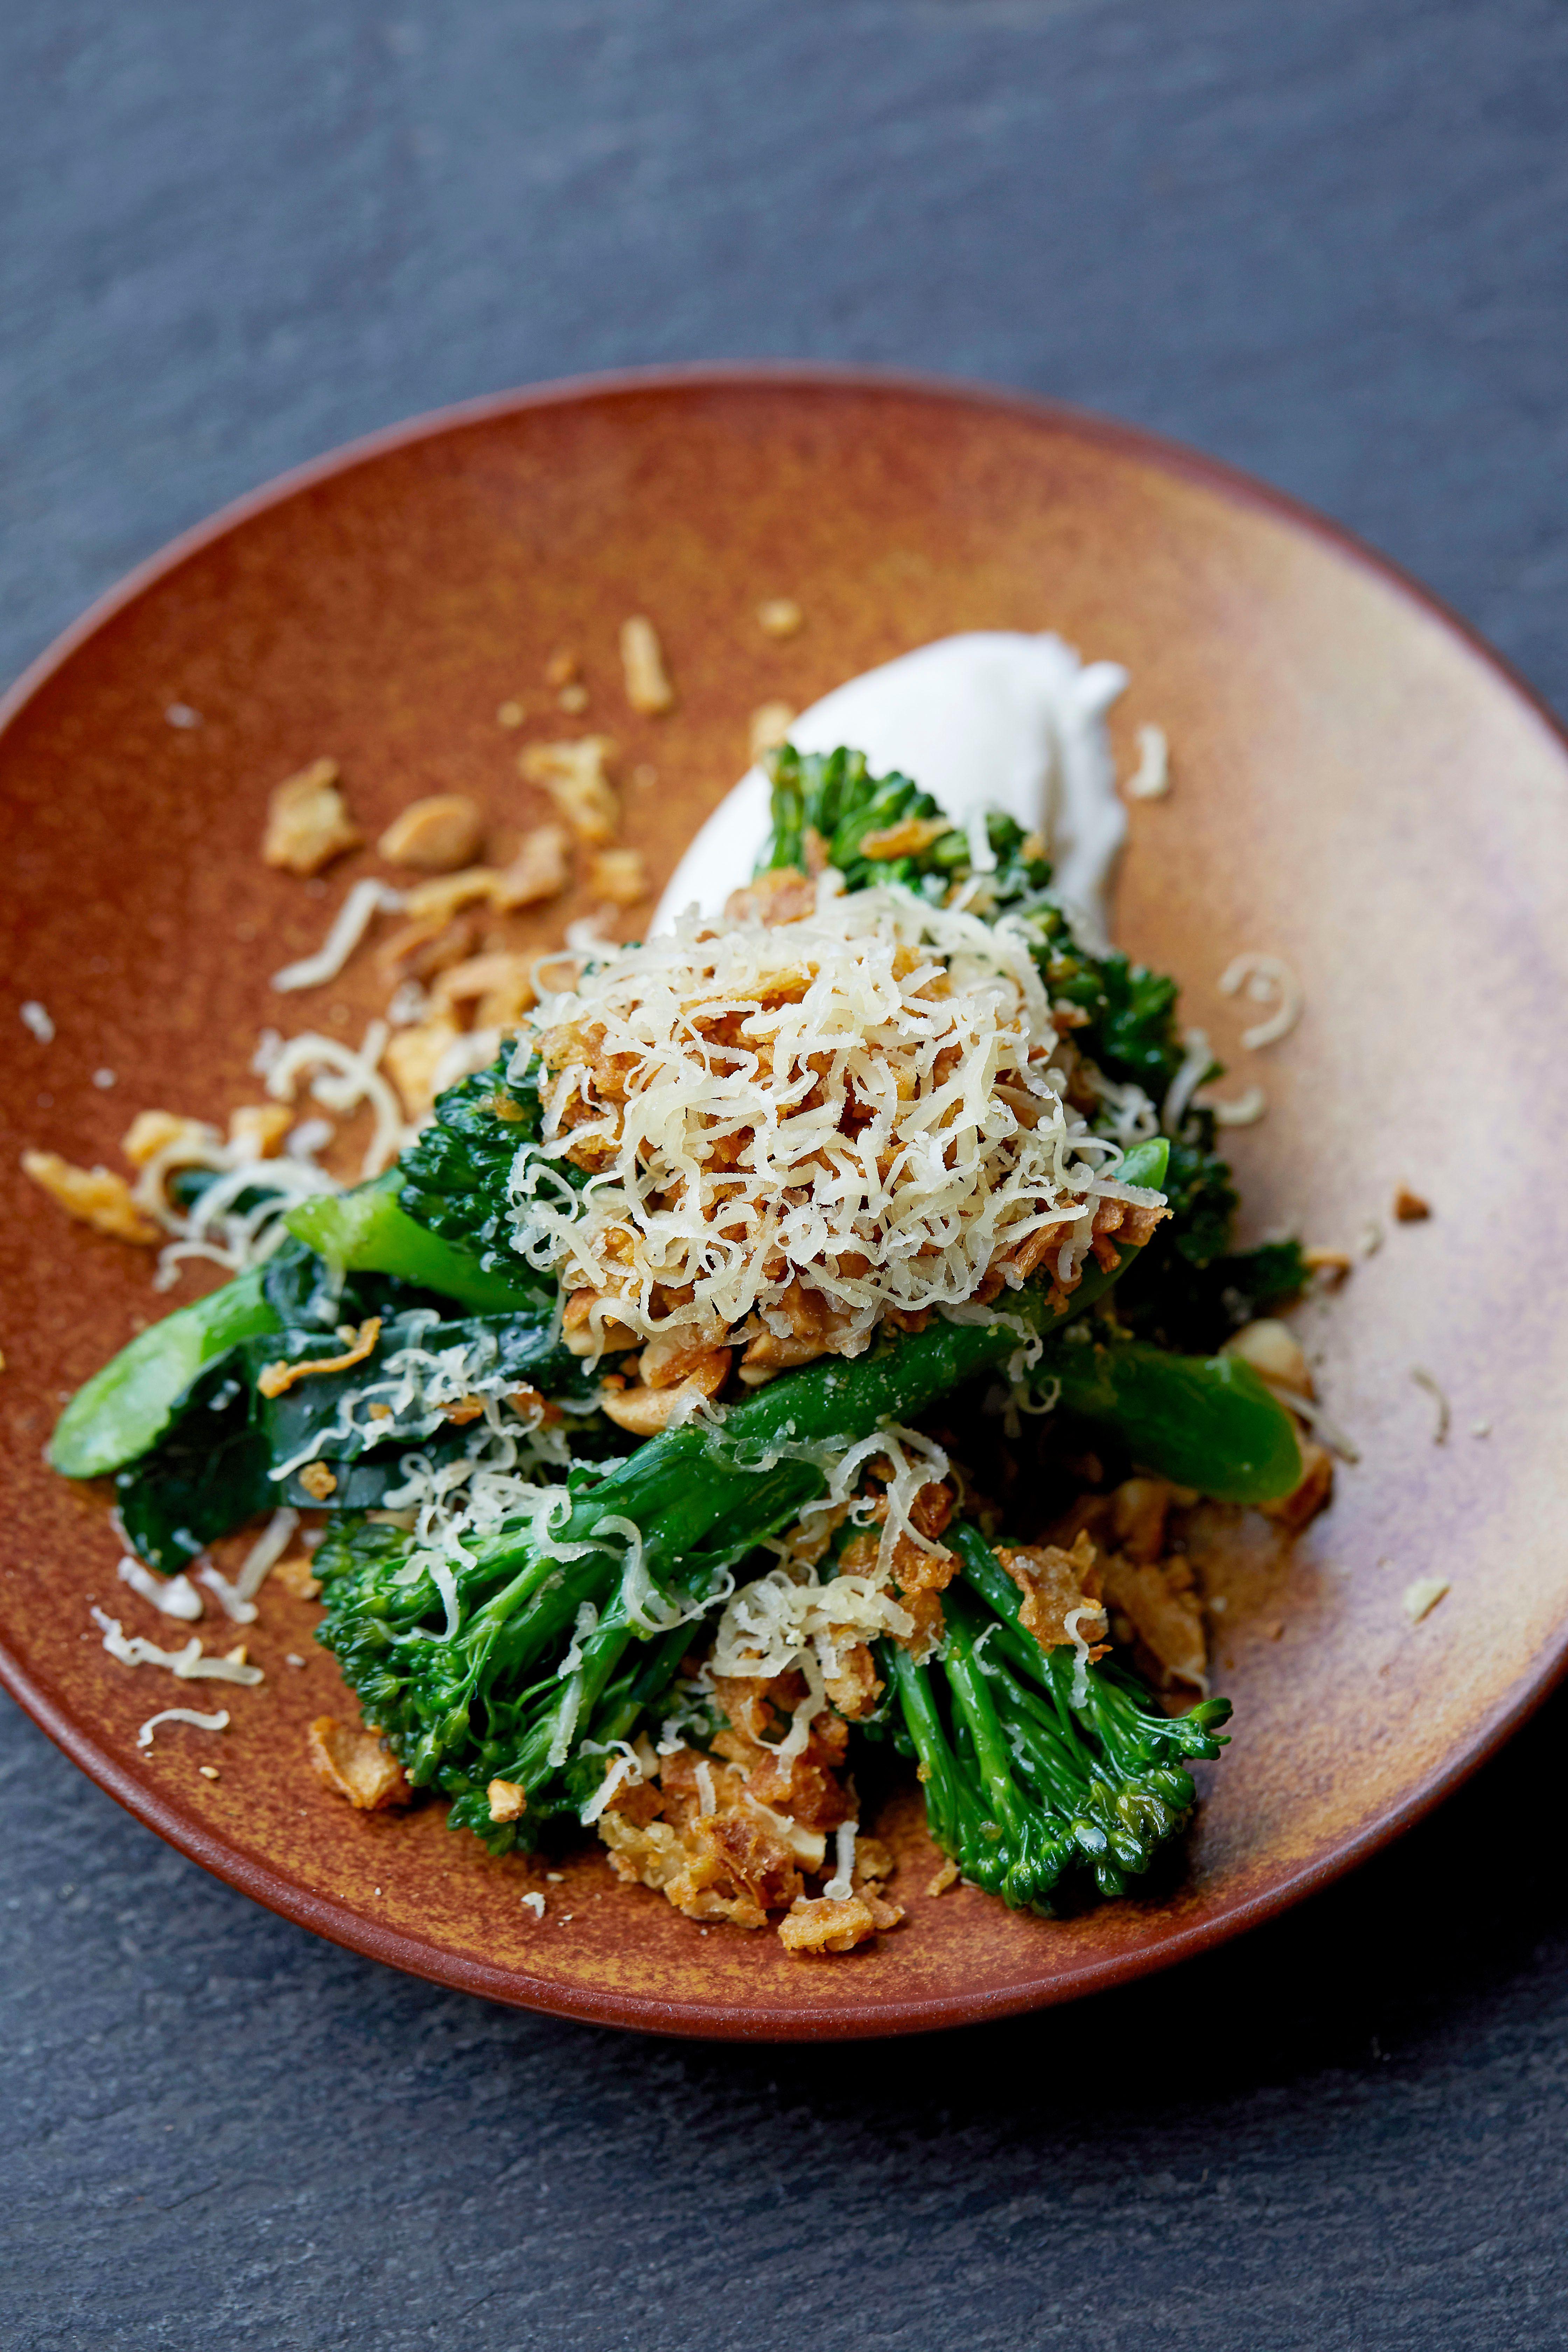 Rețetă de broccoli cu tulpină lungă cu iaurt afumat